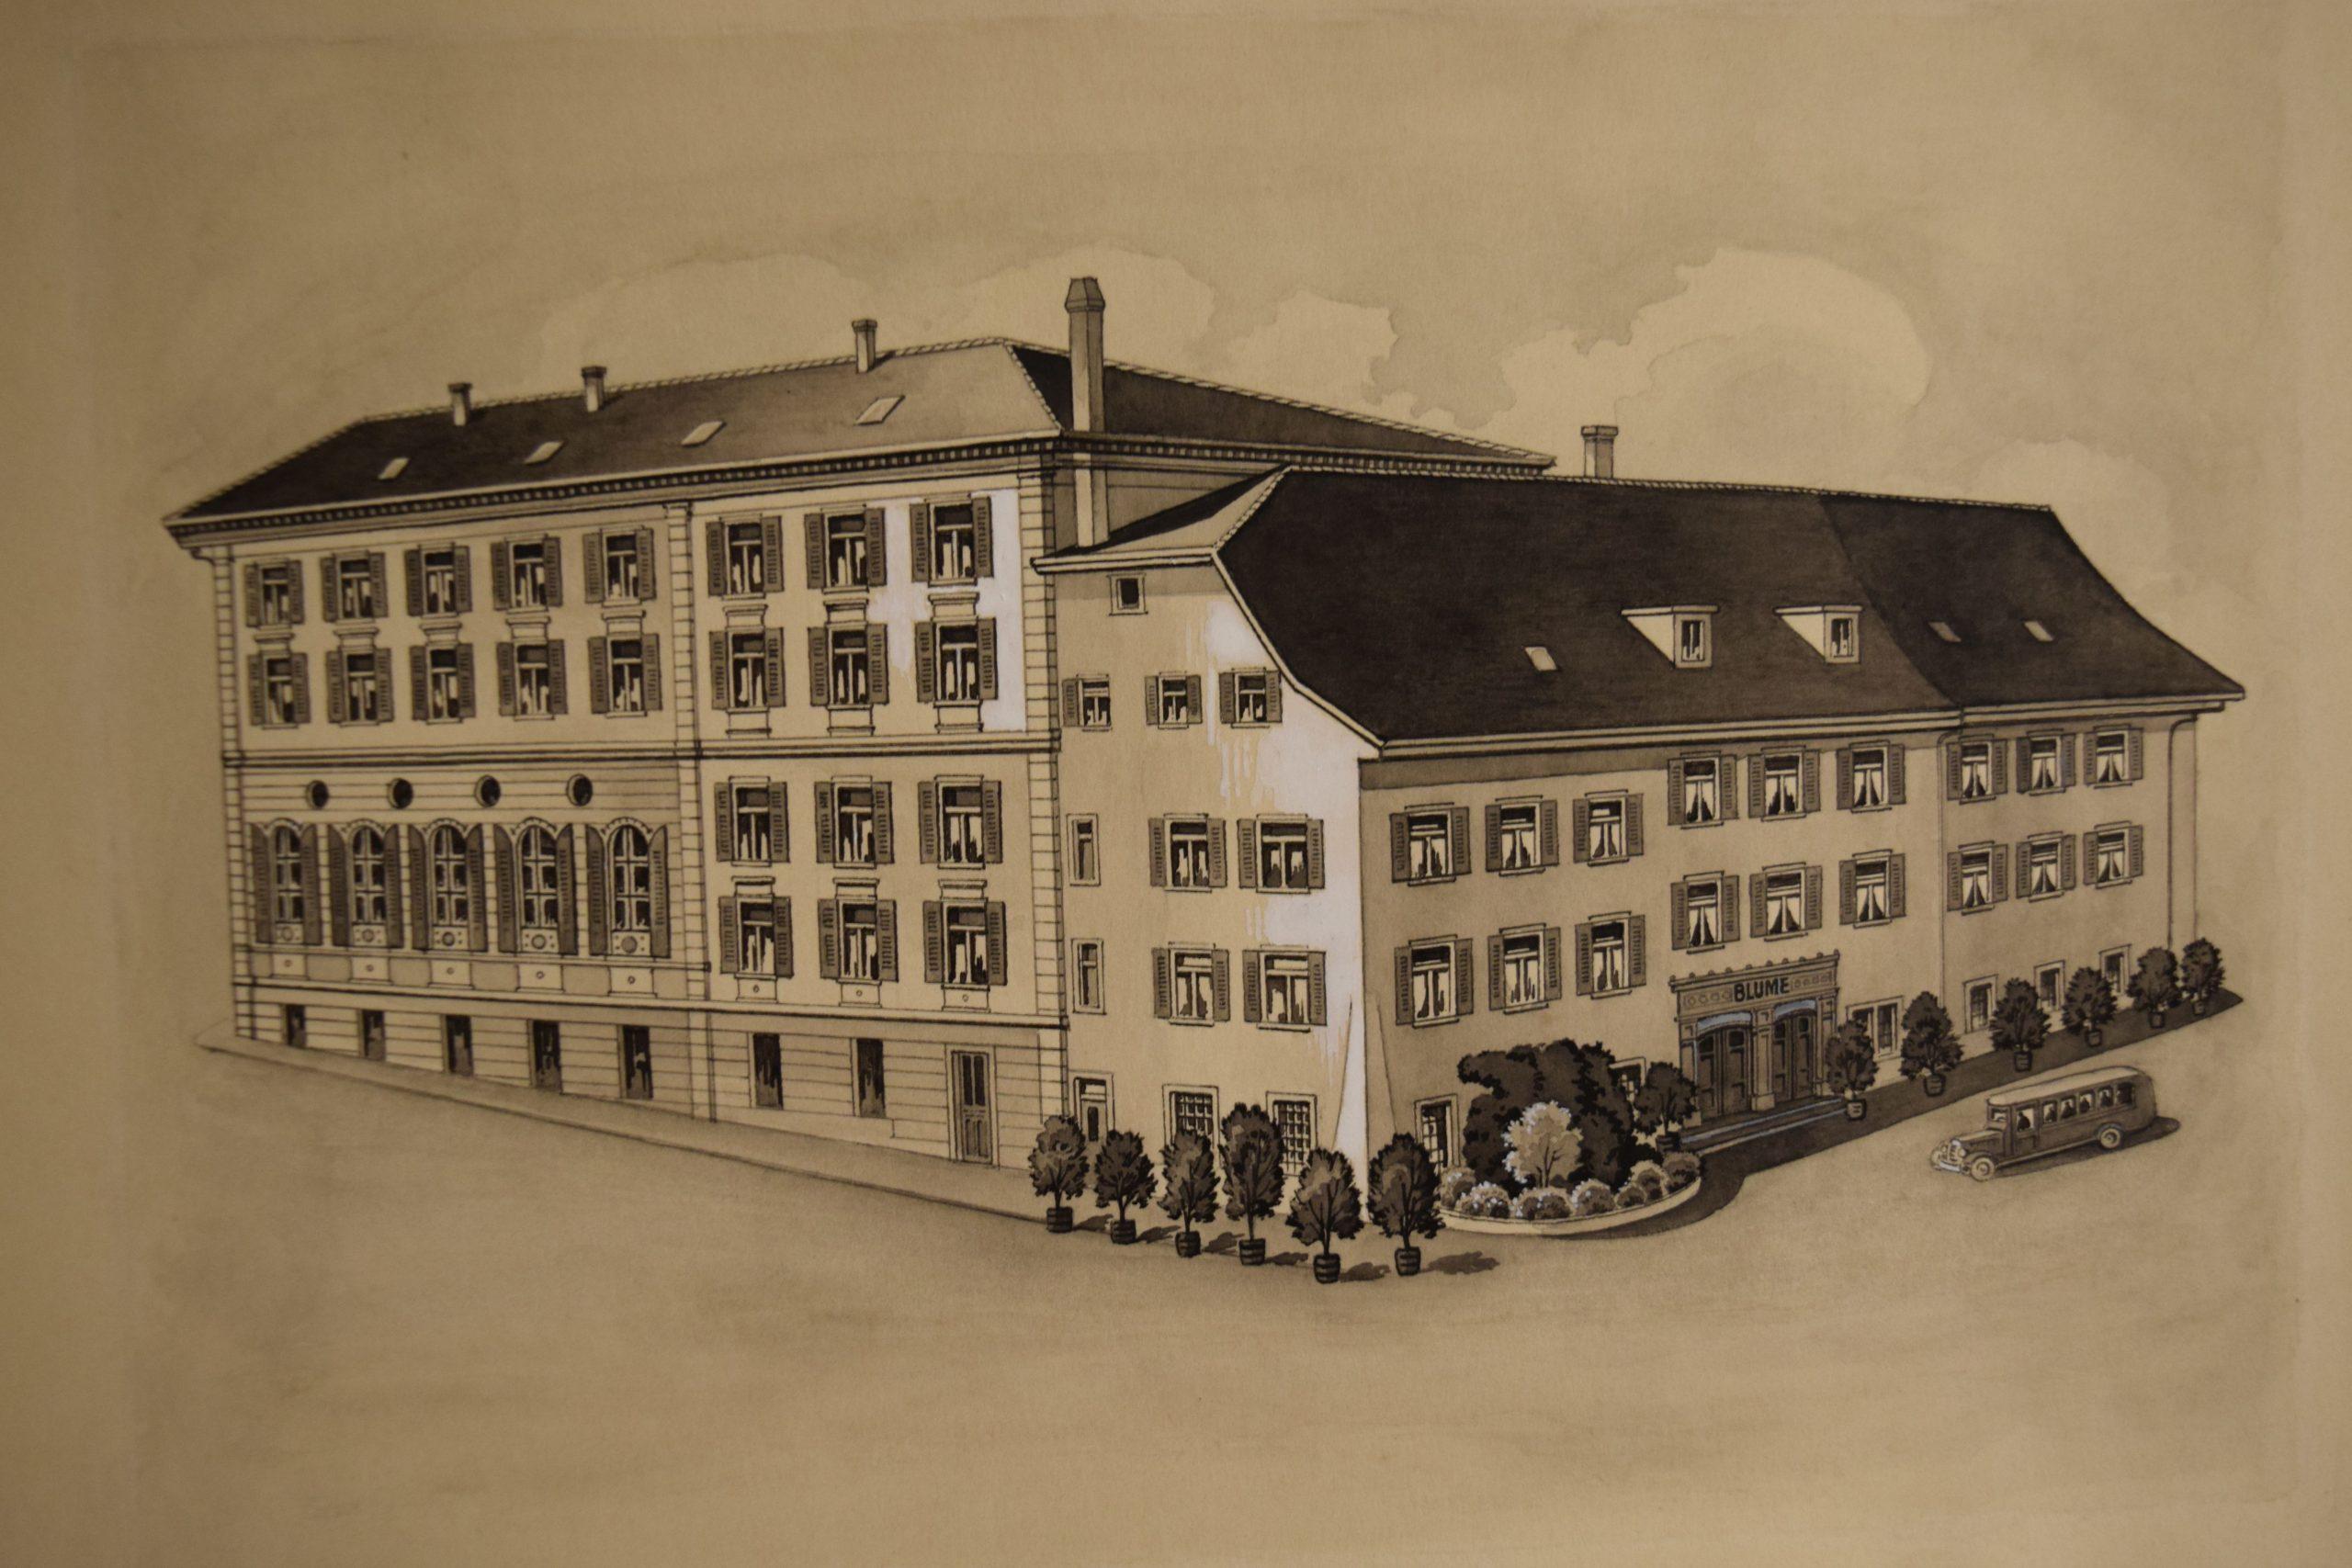 Zeichnung für eine Postkarte aus den 1920er oder 1930er Jahren, Archiv Hotel Blume1920er 1930 jahre Archiv Blume